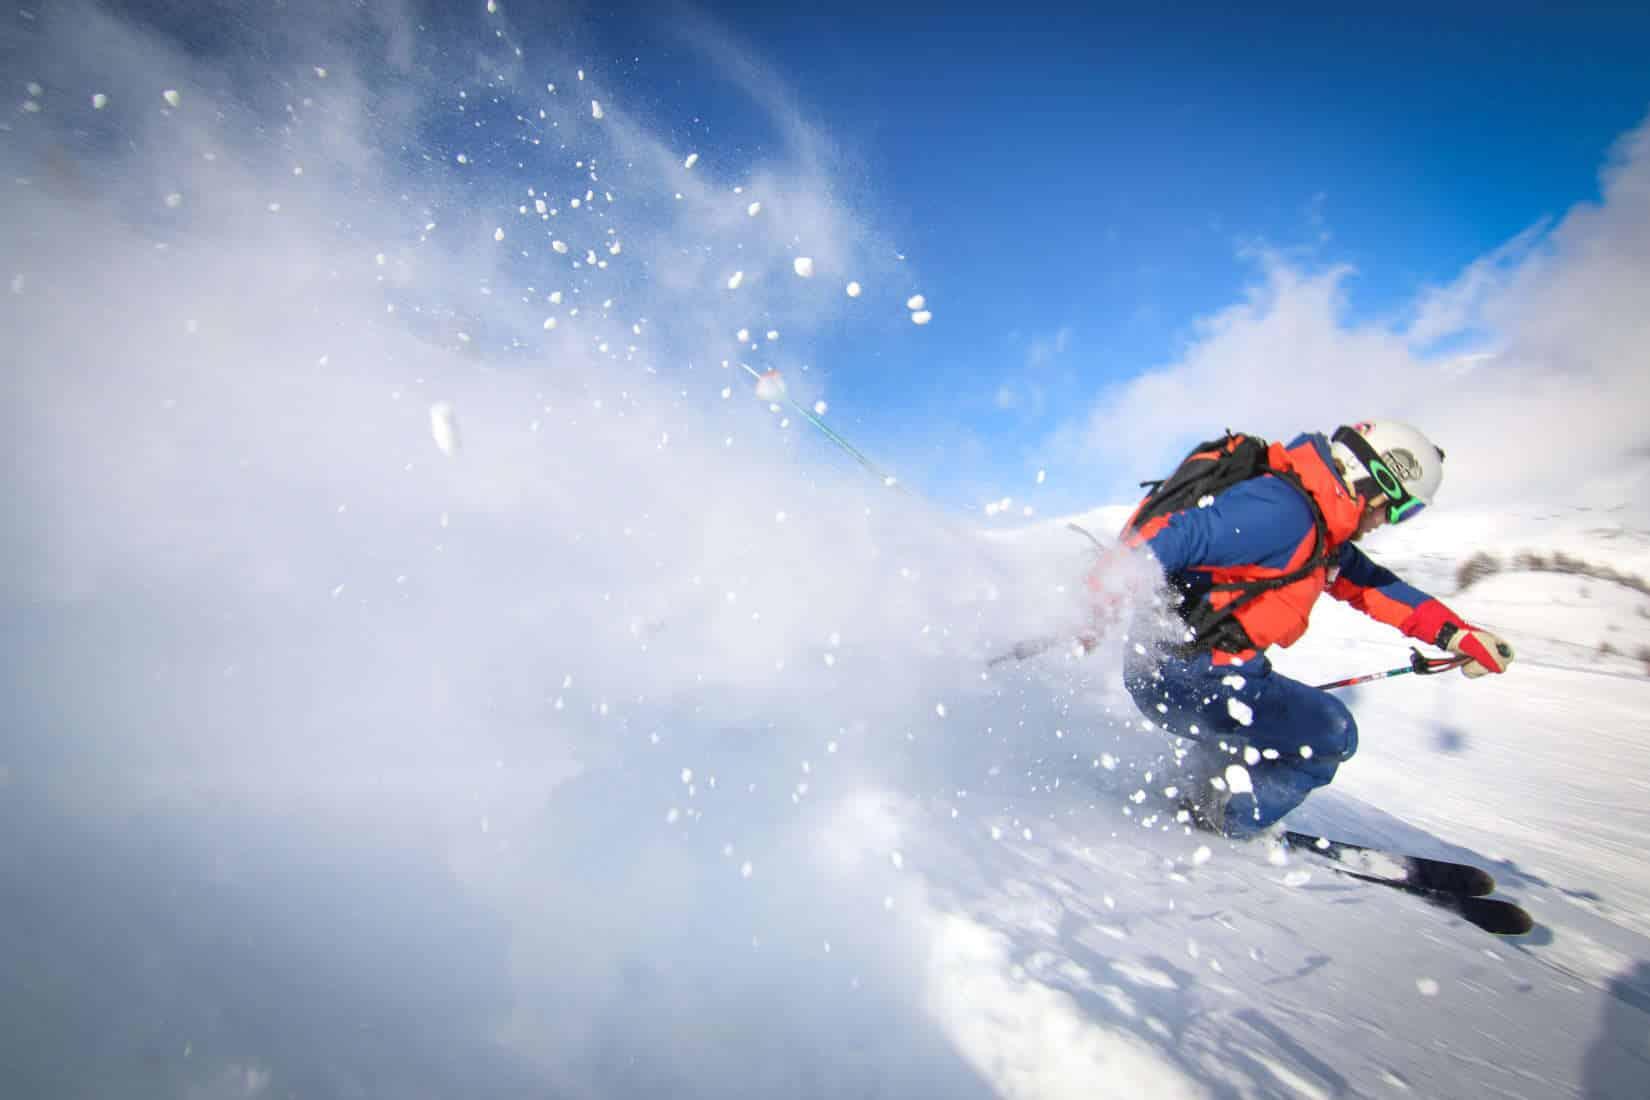 Skirejseforsikring. off-piste skiing